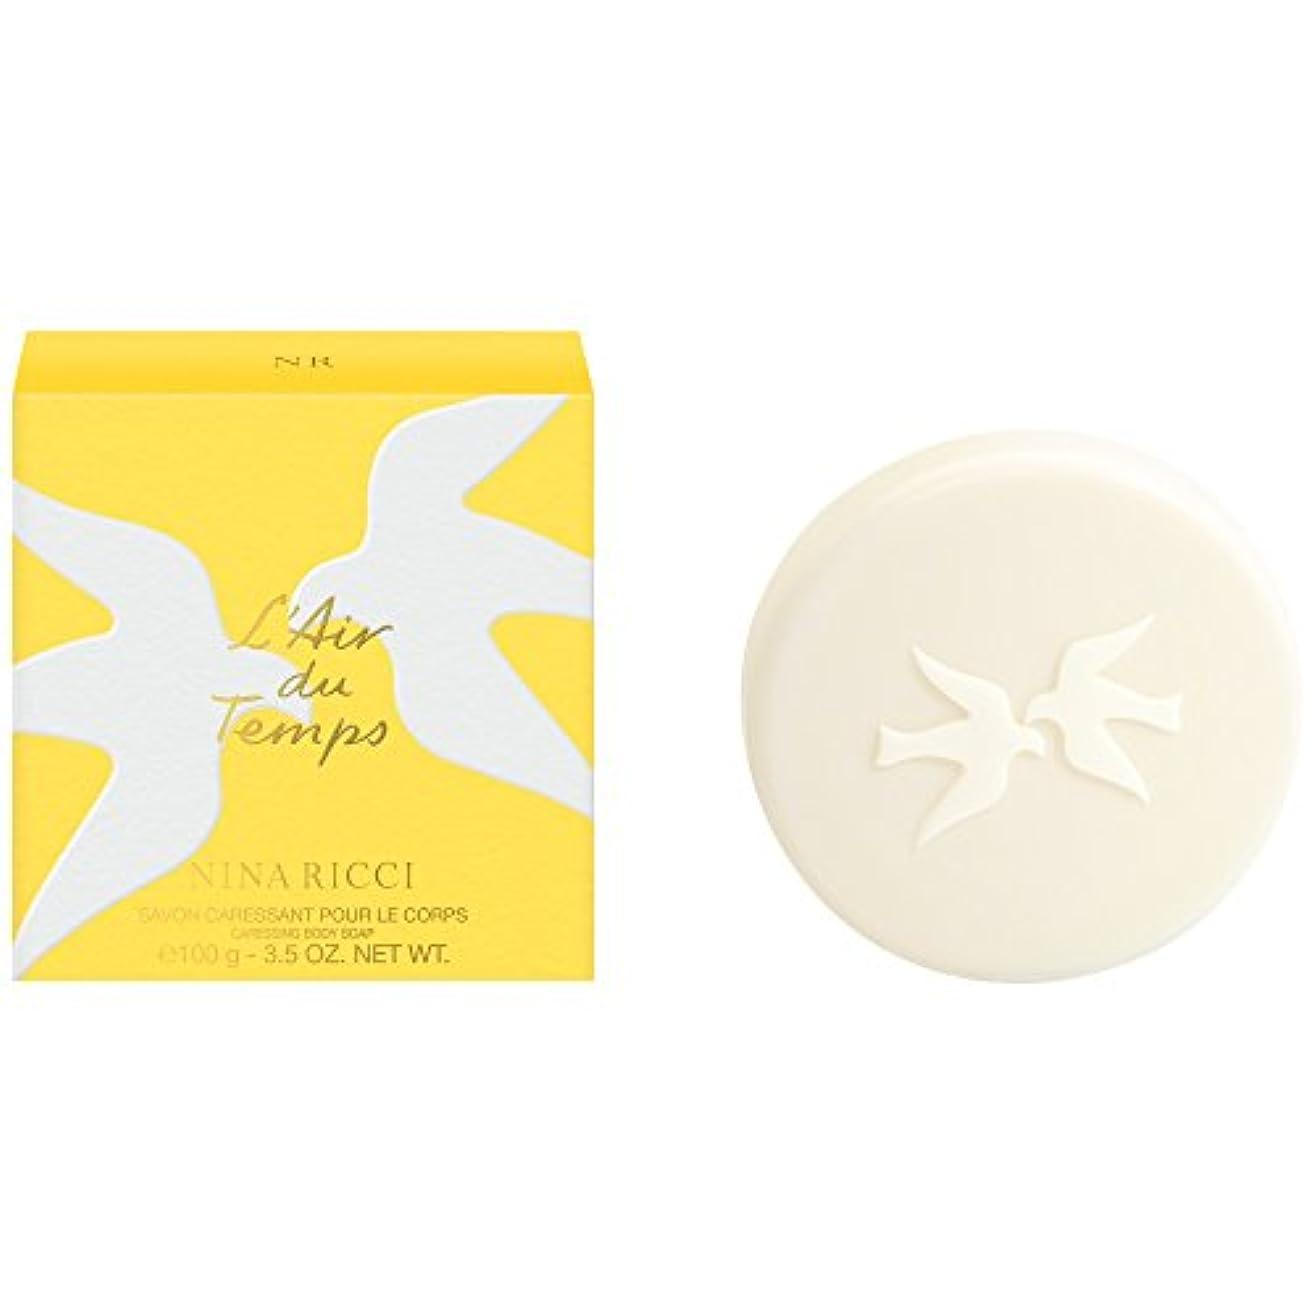 敬意を表する通りマートニナリッチL'空気デュは石鹸の100グラムをタン (Nina Ricci) - Nina Ricci L'Air du Temps Soap 100g [並行輸入品]